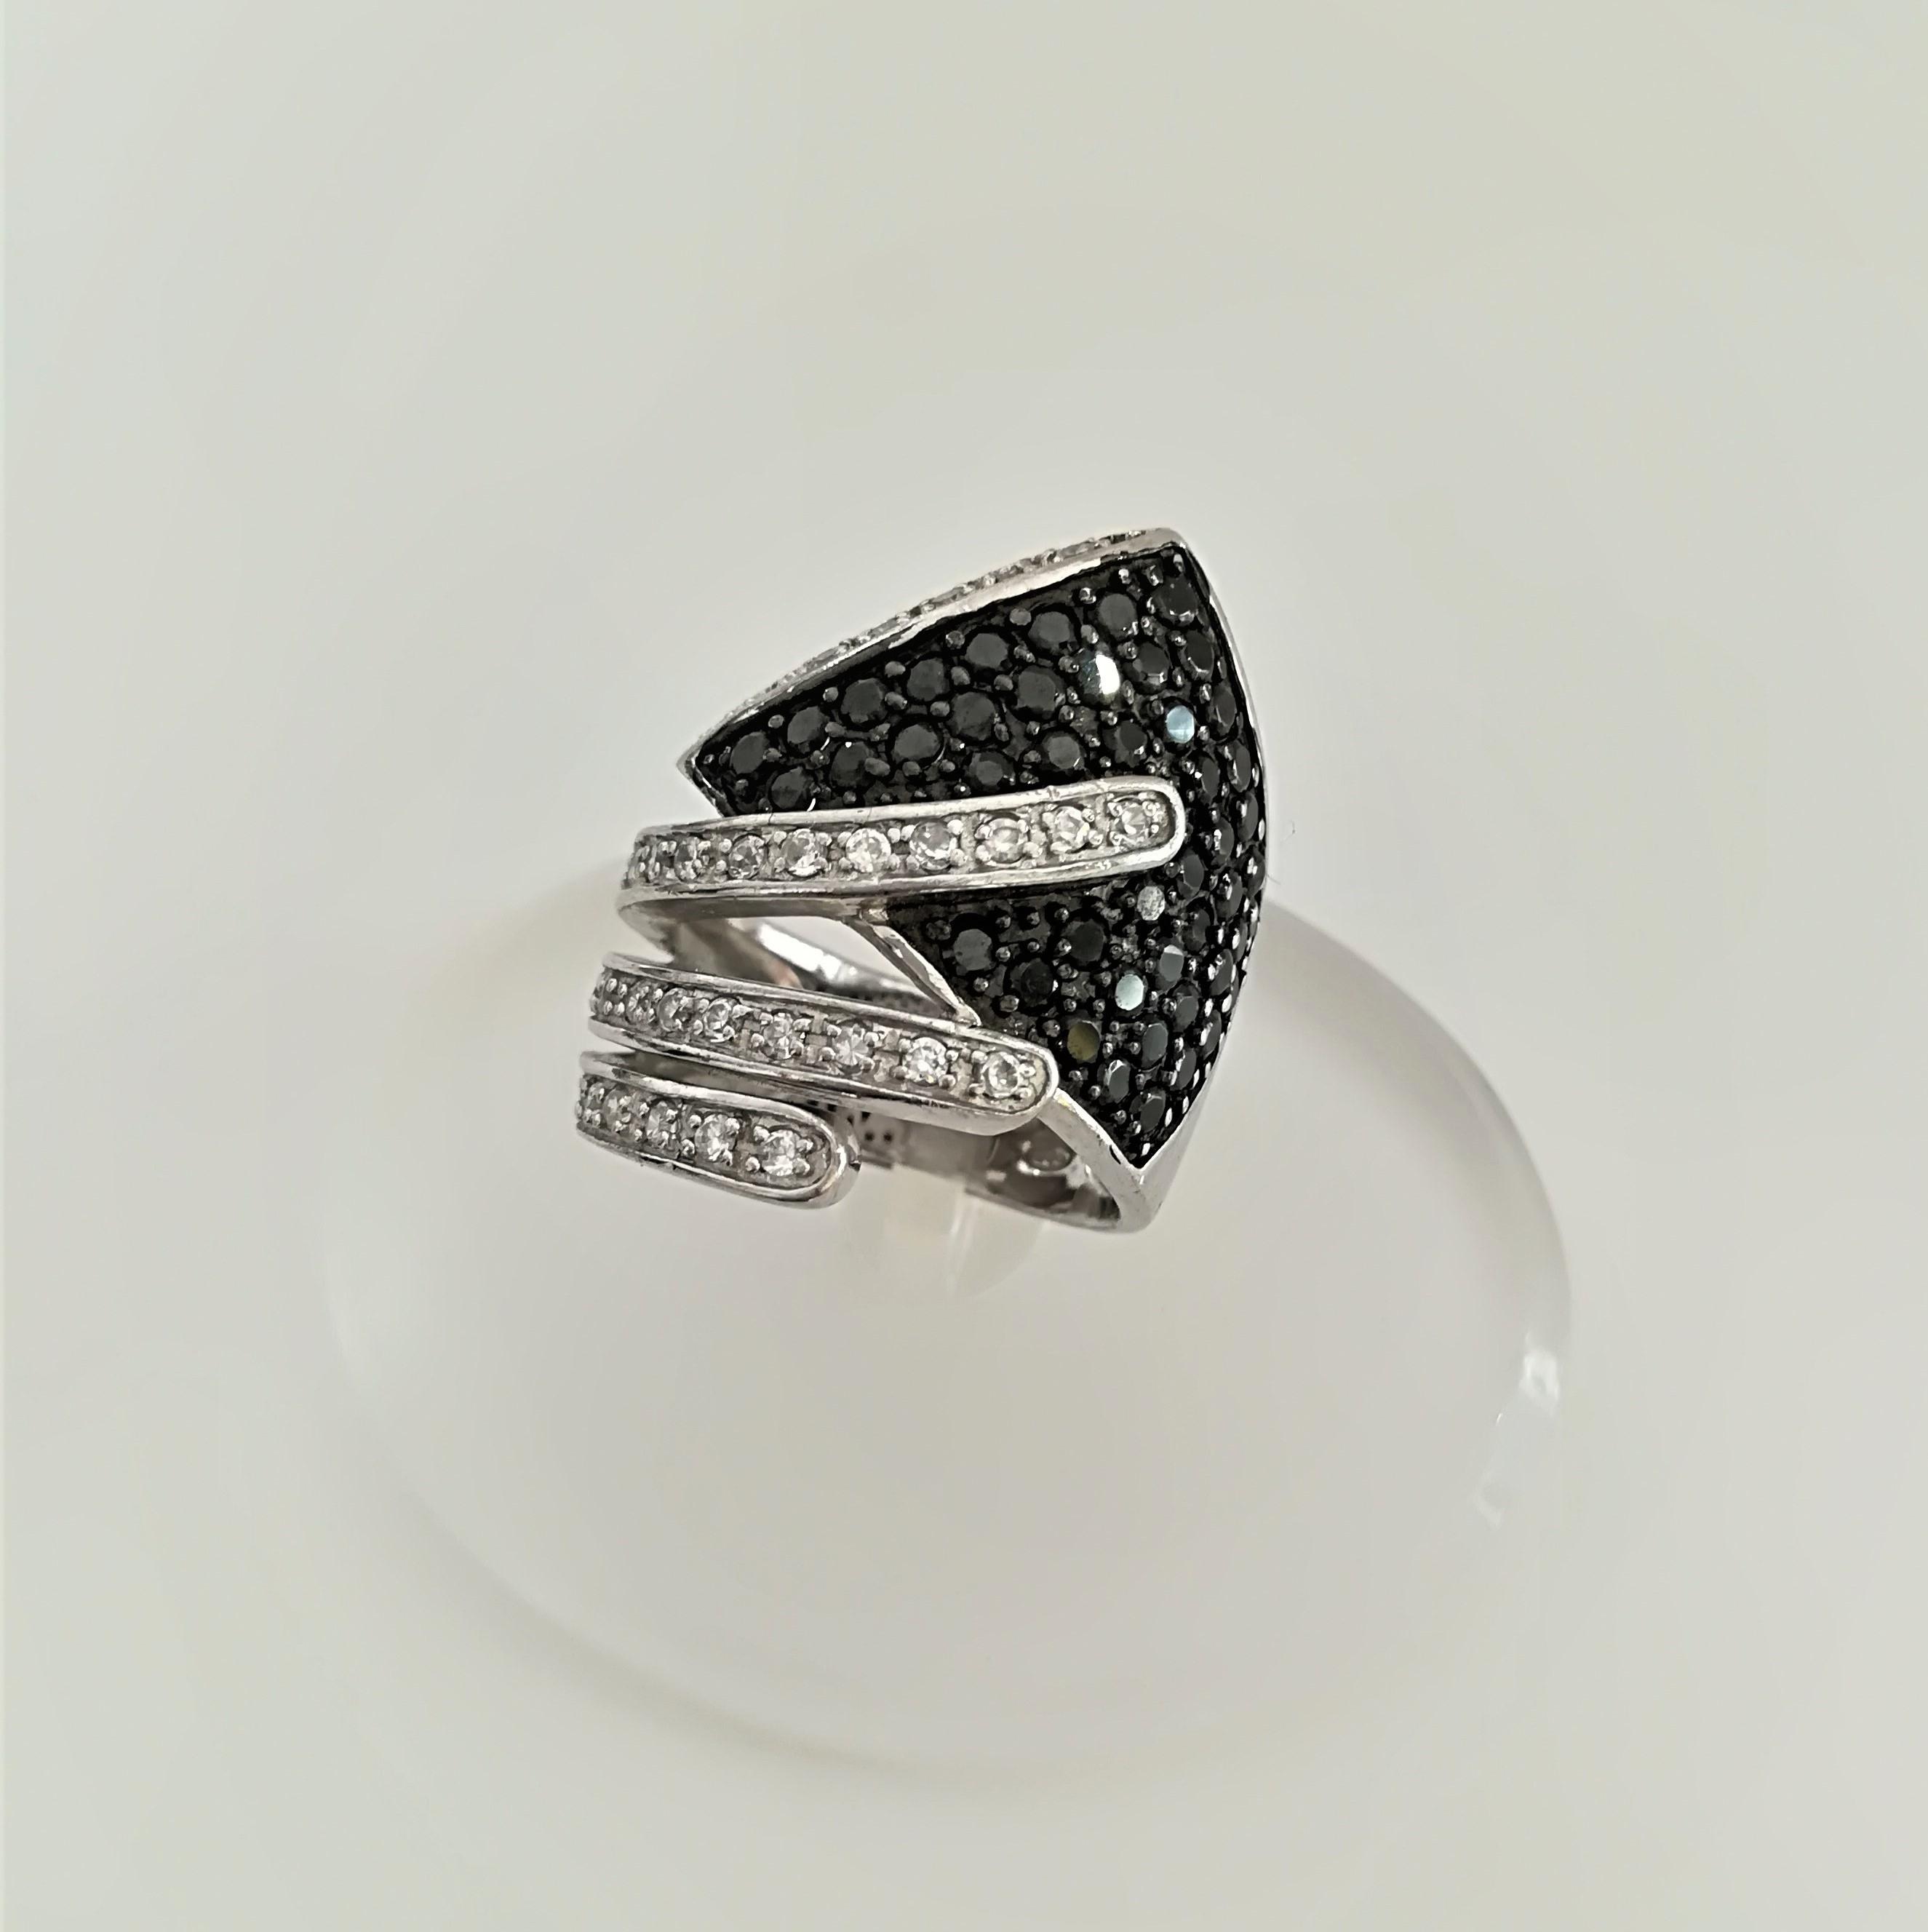 Anello in argento 925 pavé di zirconi neri e bianchi